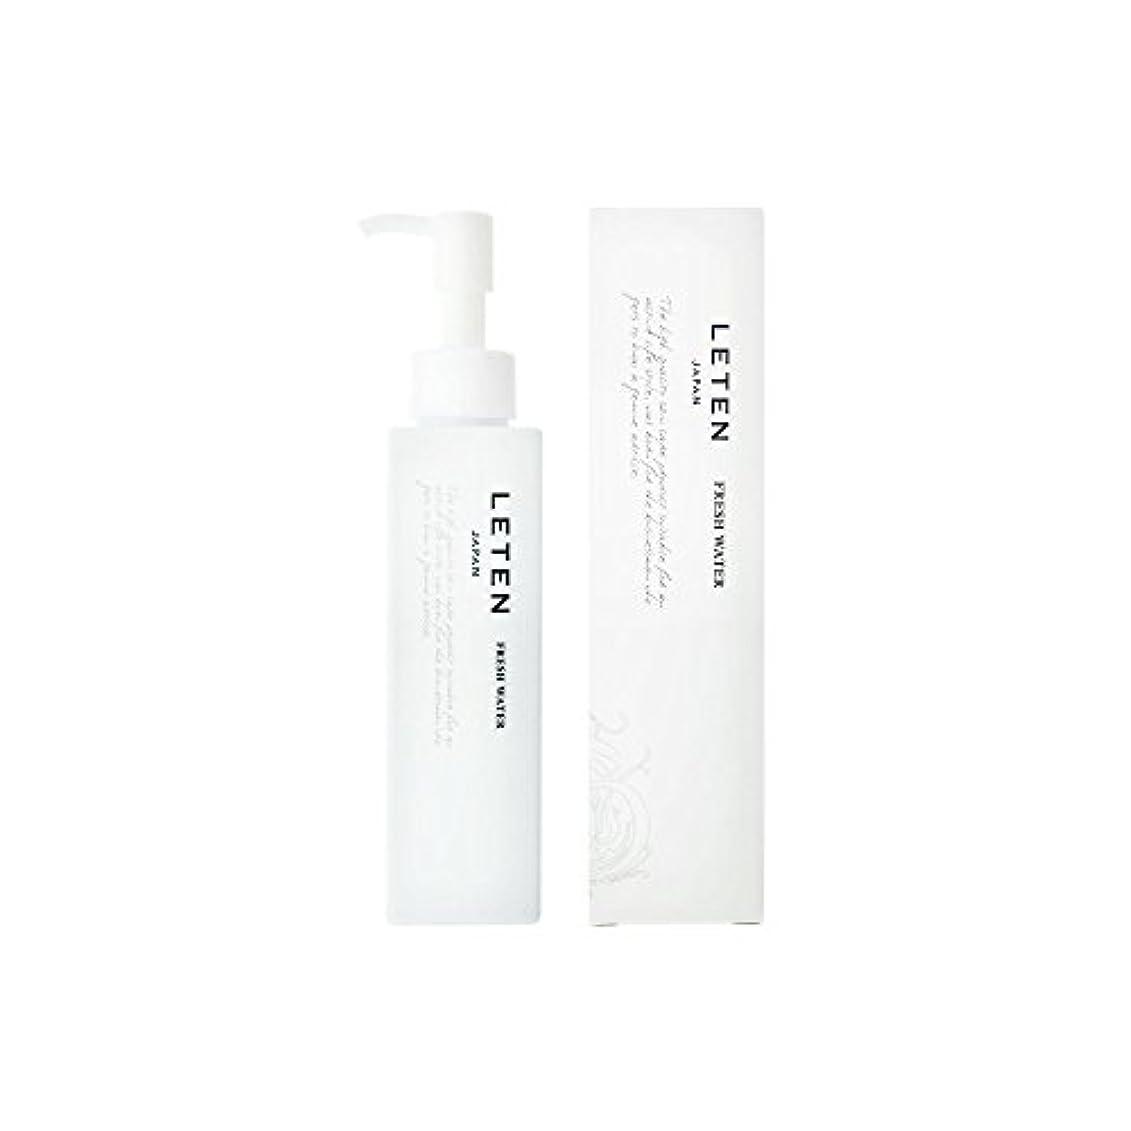 代替案上に制限レテン (LETEN) フレッシュウォーター 150ml 化粧水 敏感肌